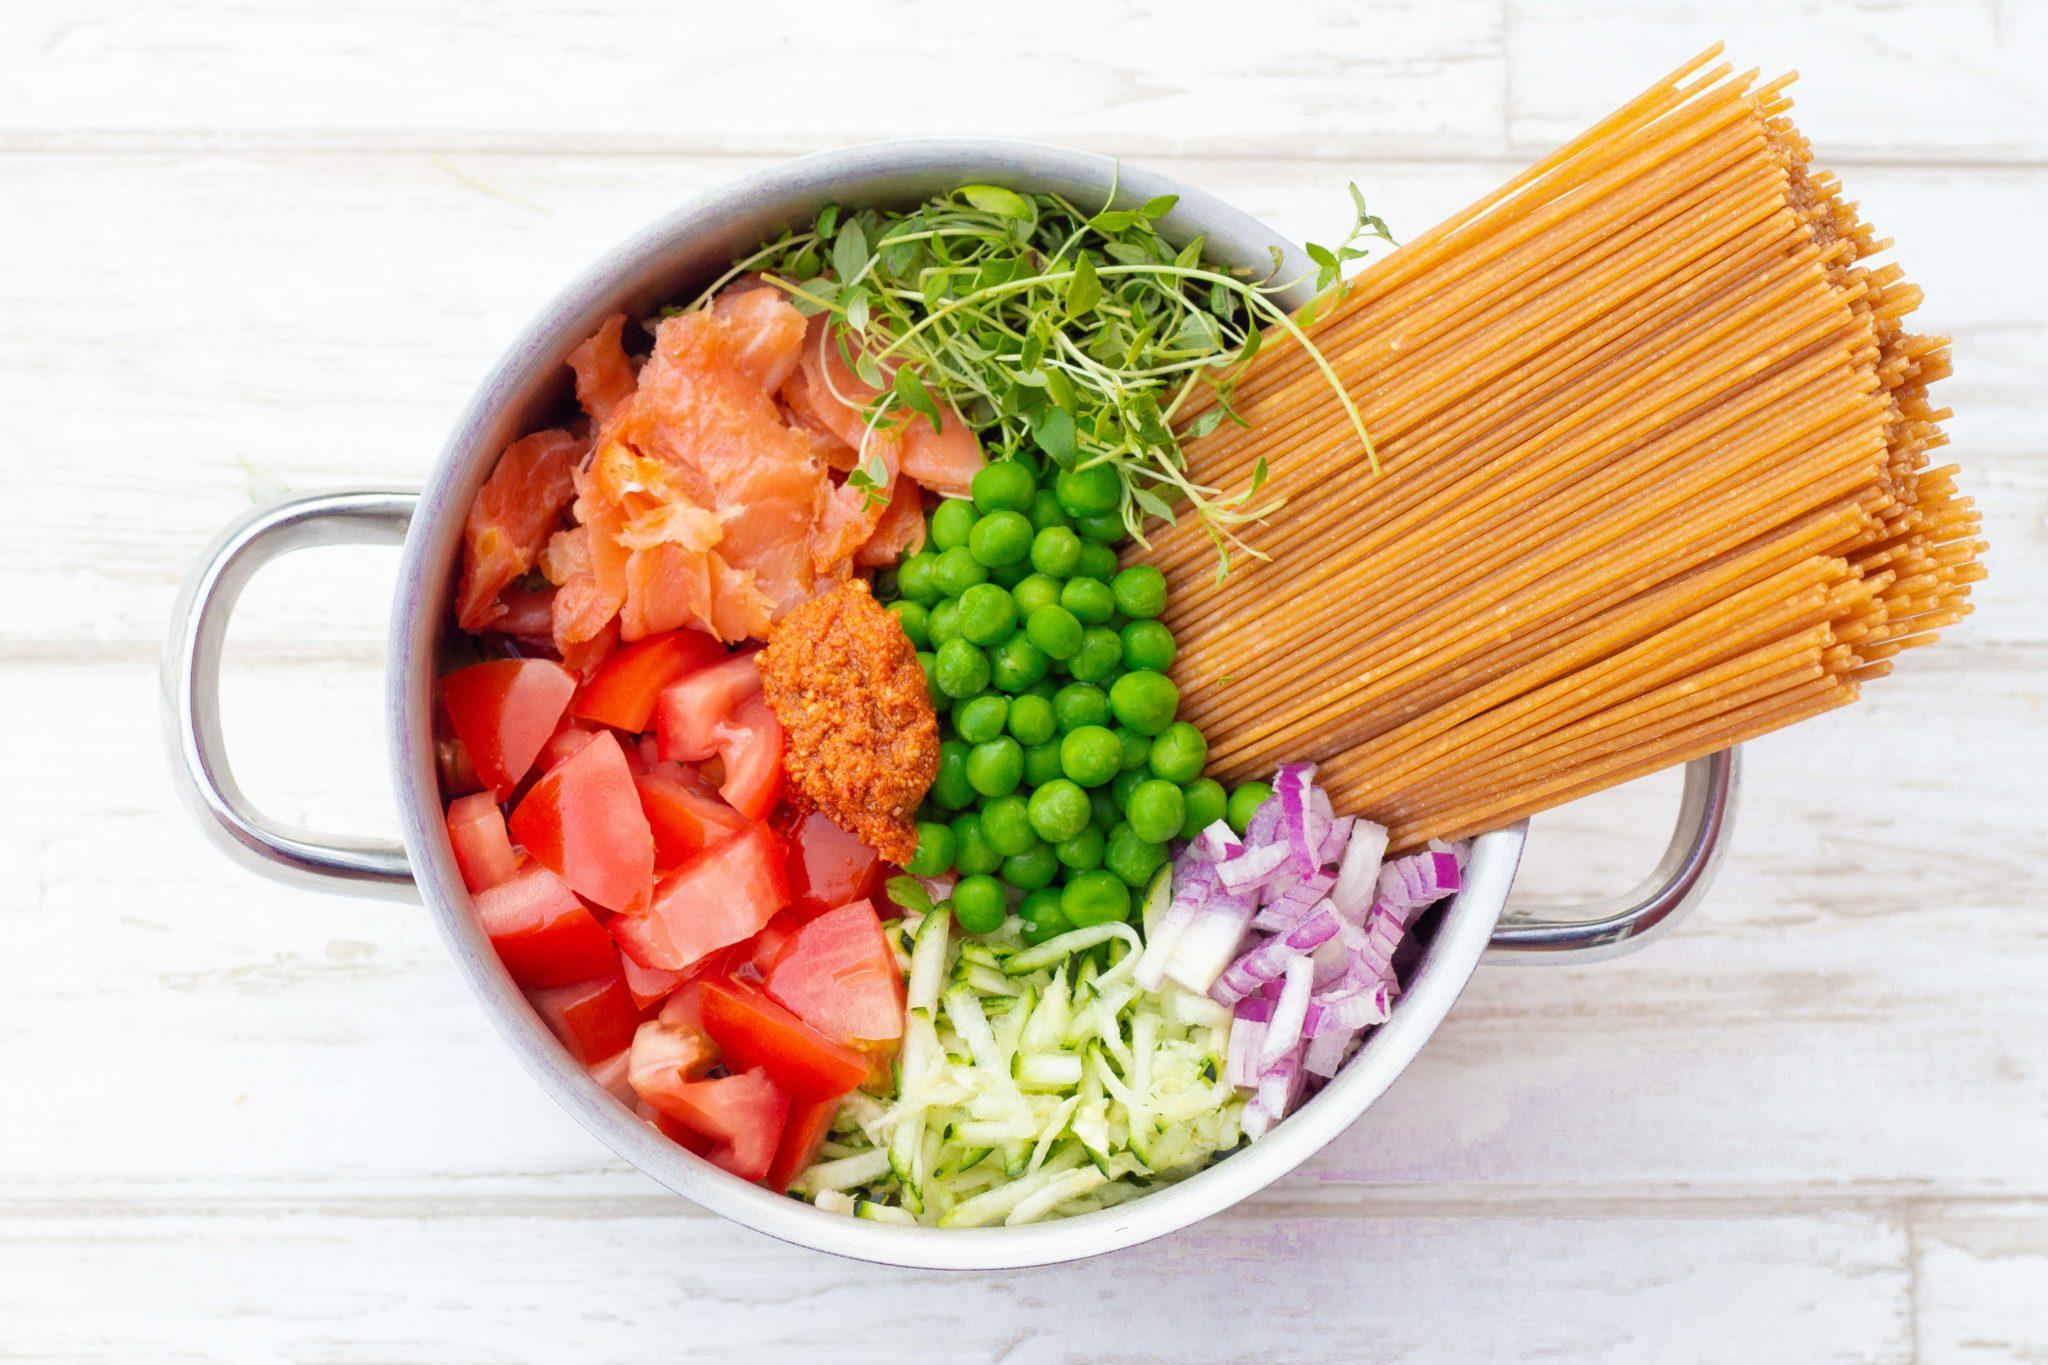 Nem Og Lækker One Pot Pasta Med Laks Quash ærter Og Tomat